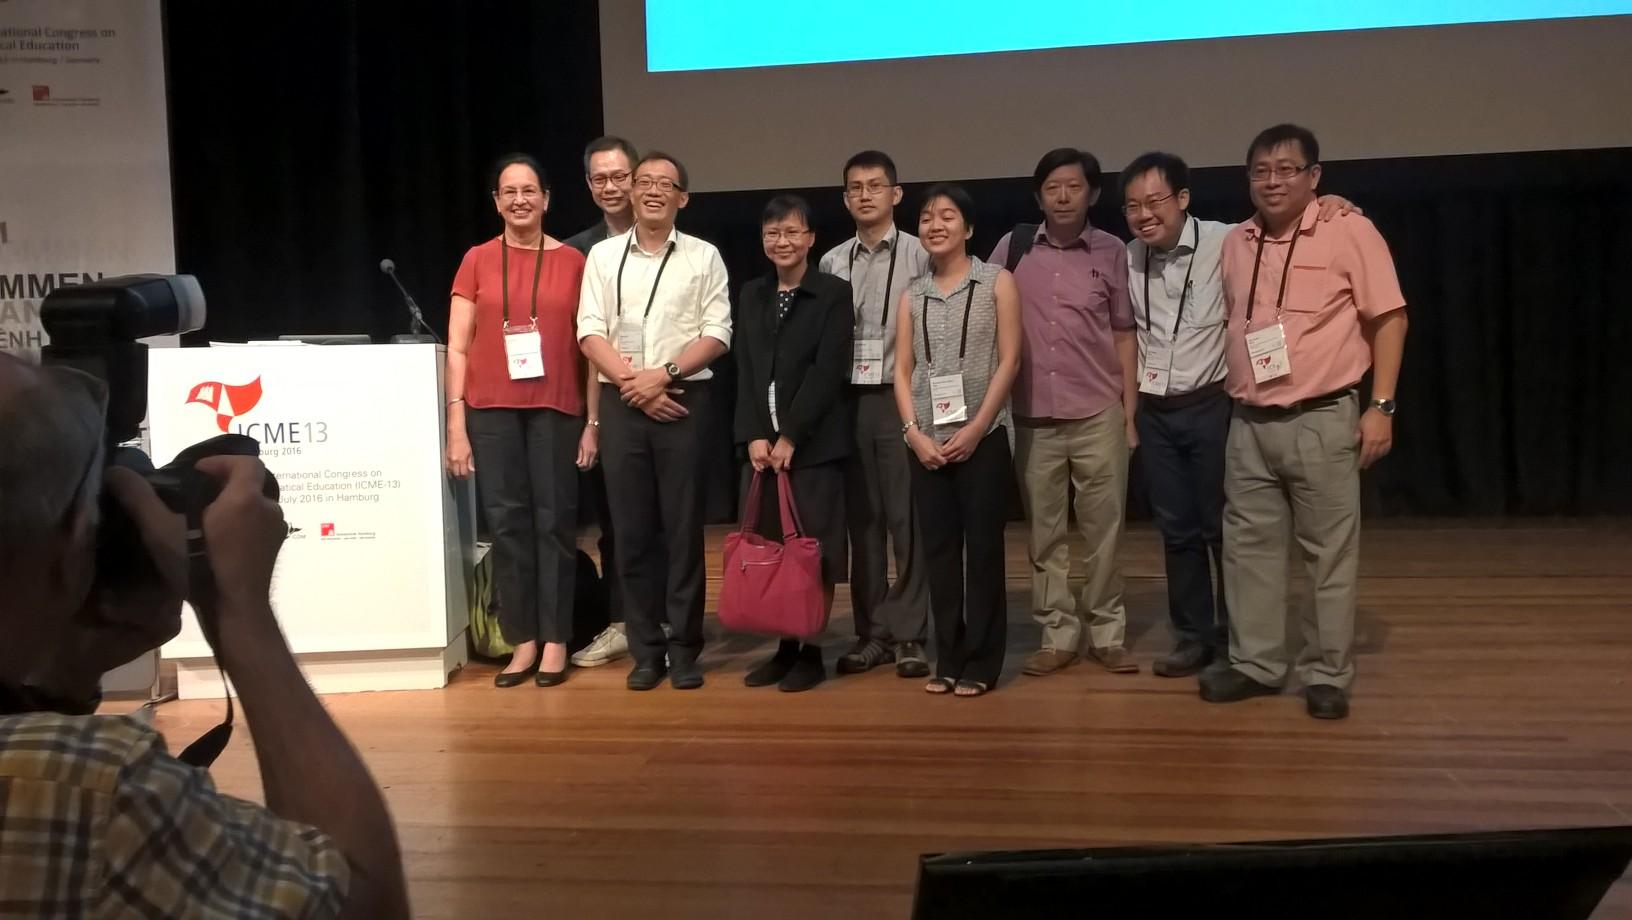 Singaporelainen opettaja- ja tutkijatiimi paistatteli maailman parhaiden oppimistulosten loisteessa. He sanoivat että mitään singaporelaista taikatemppua ei ole, vaan kaikki perustuu ihan tavalliseen työntekoon.